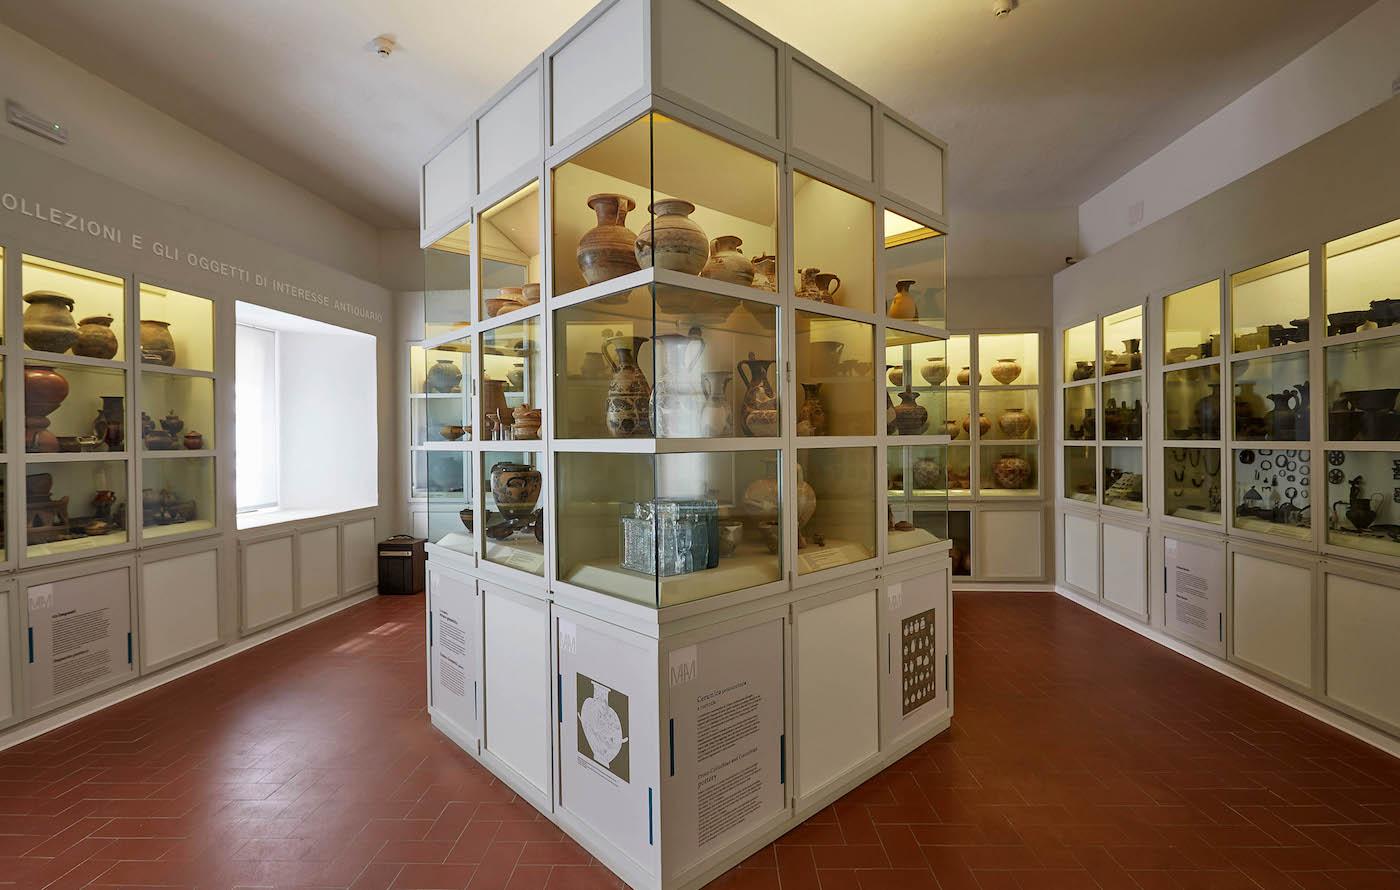 Museo Archeologico e d'Arte della Maremma, SALA 23, Michael Johansson, Forever Never Comes. Foto: Carlo Bonazza